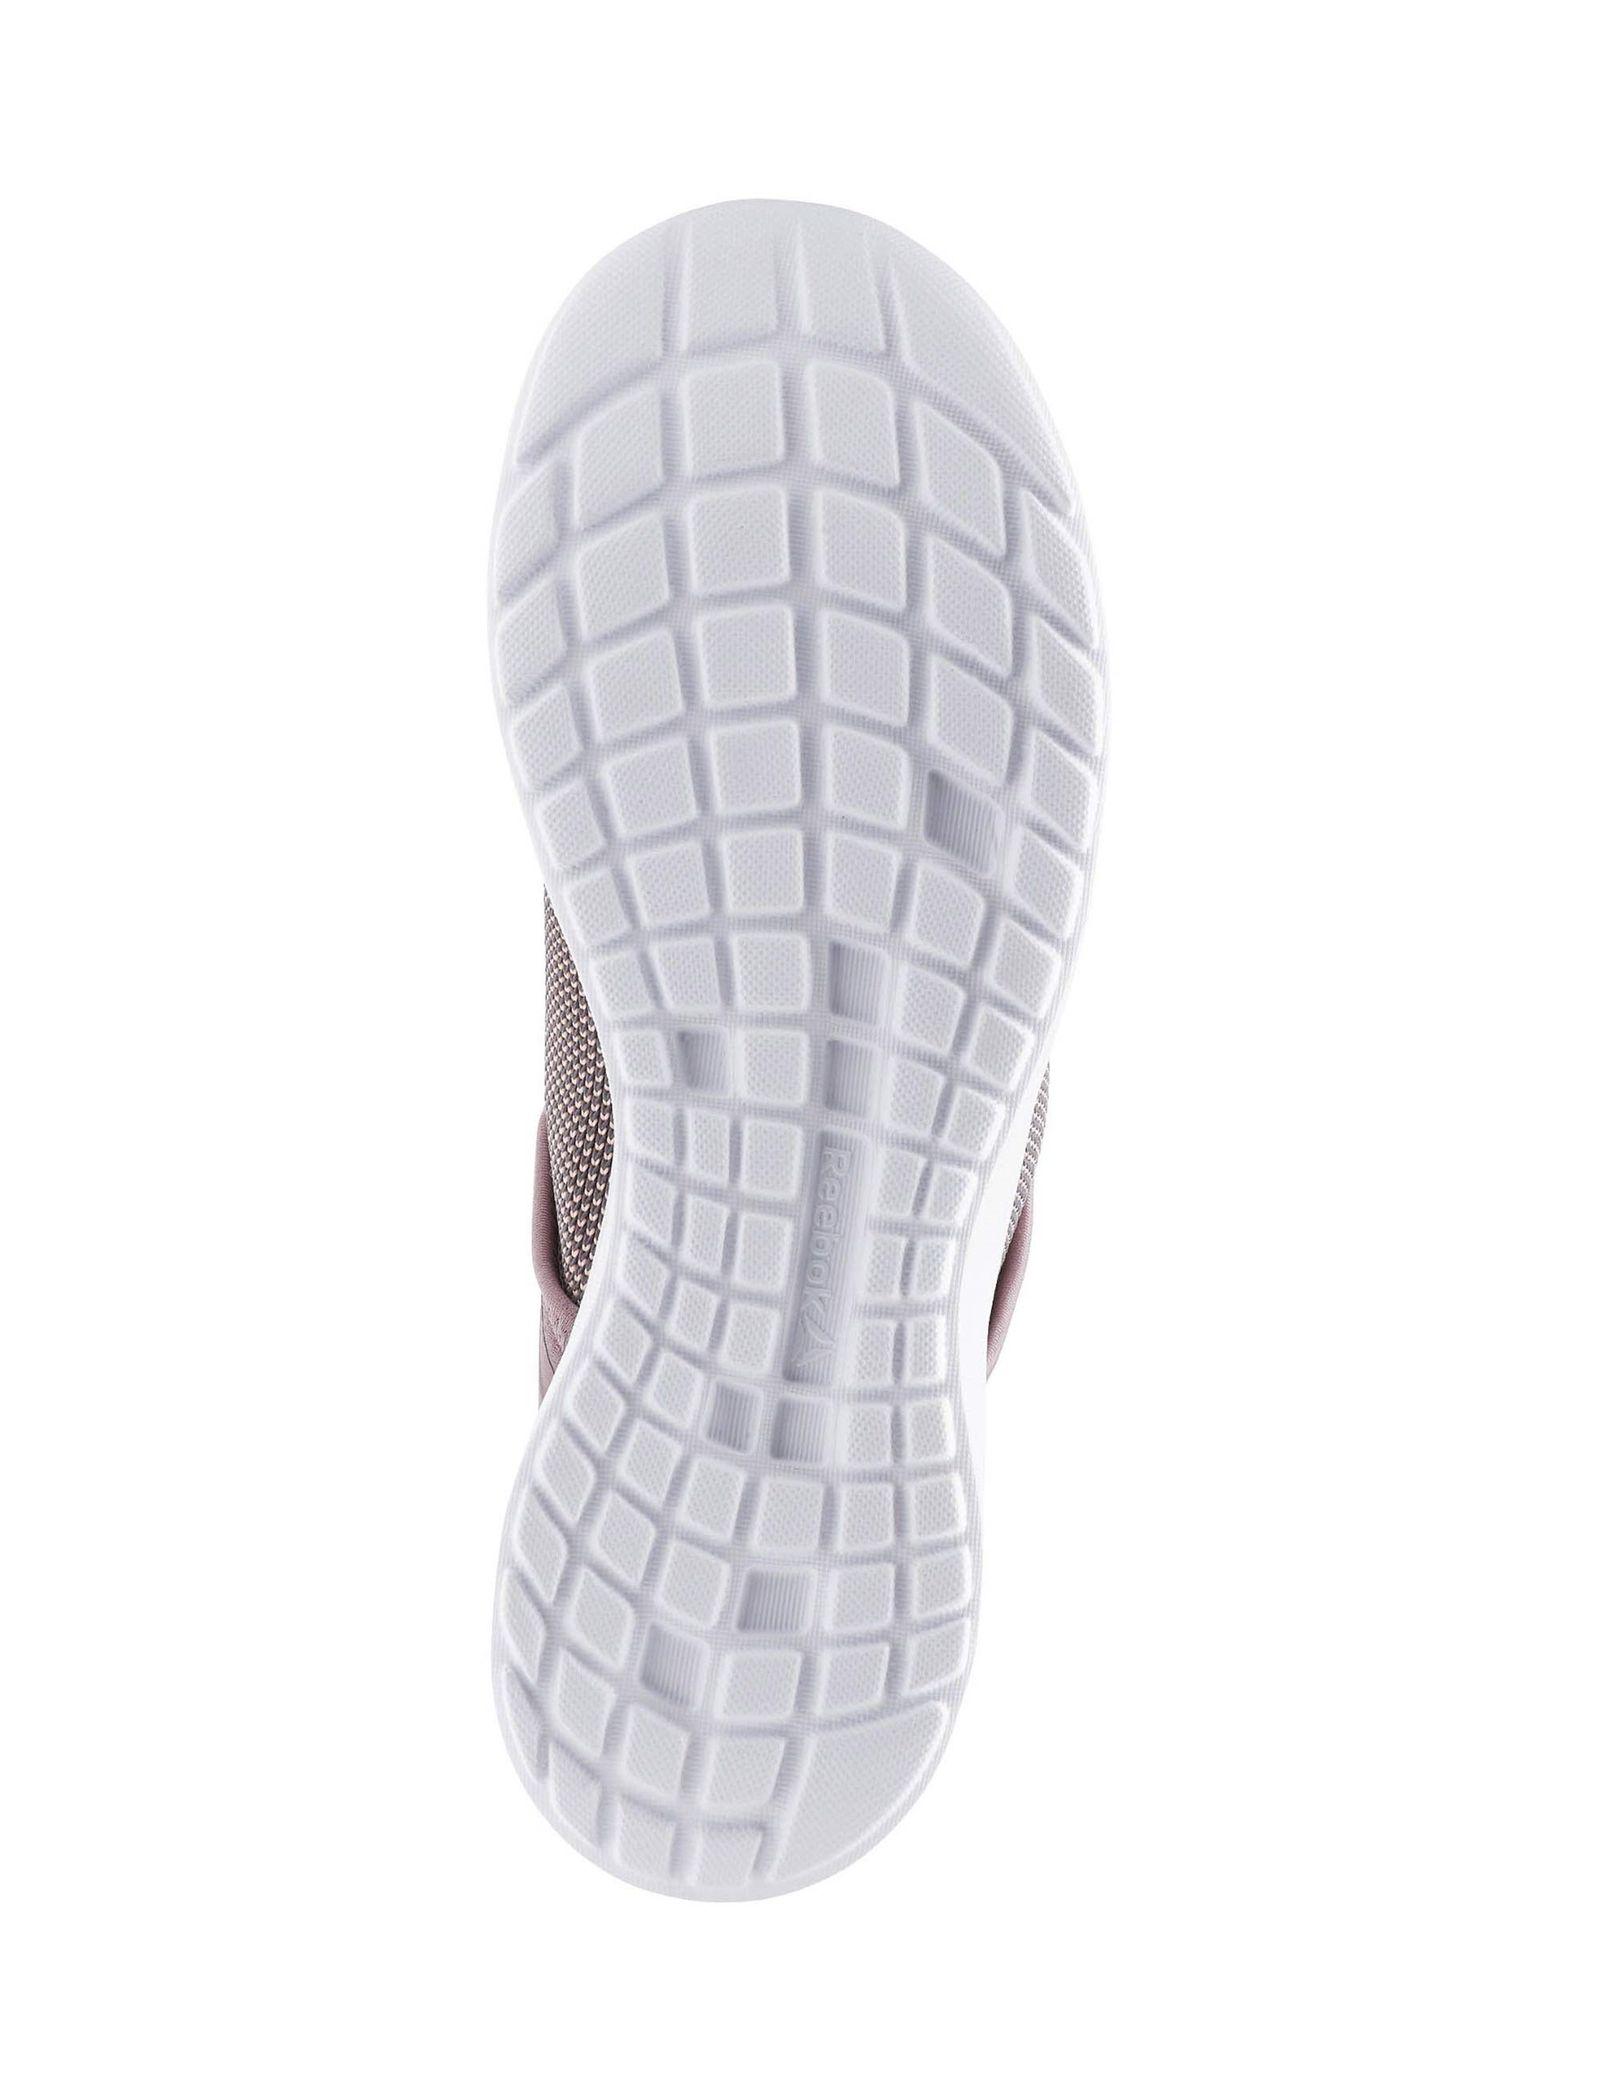 کفش پیاده روی بندی زنانه Reebok Solestead - ریباک - صورتي - 2